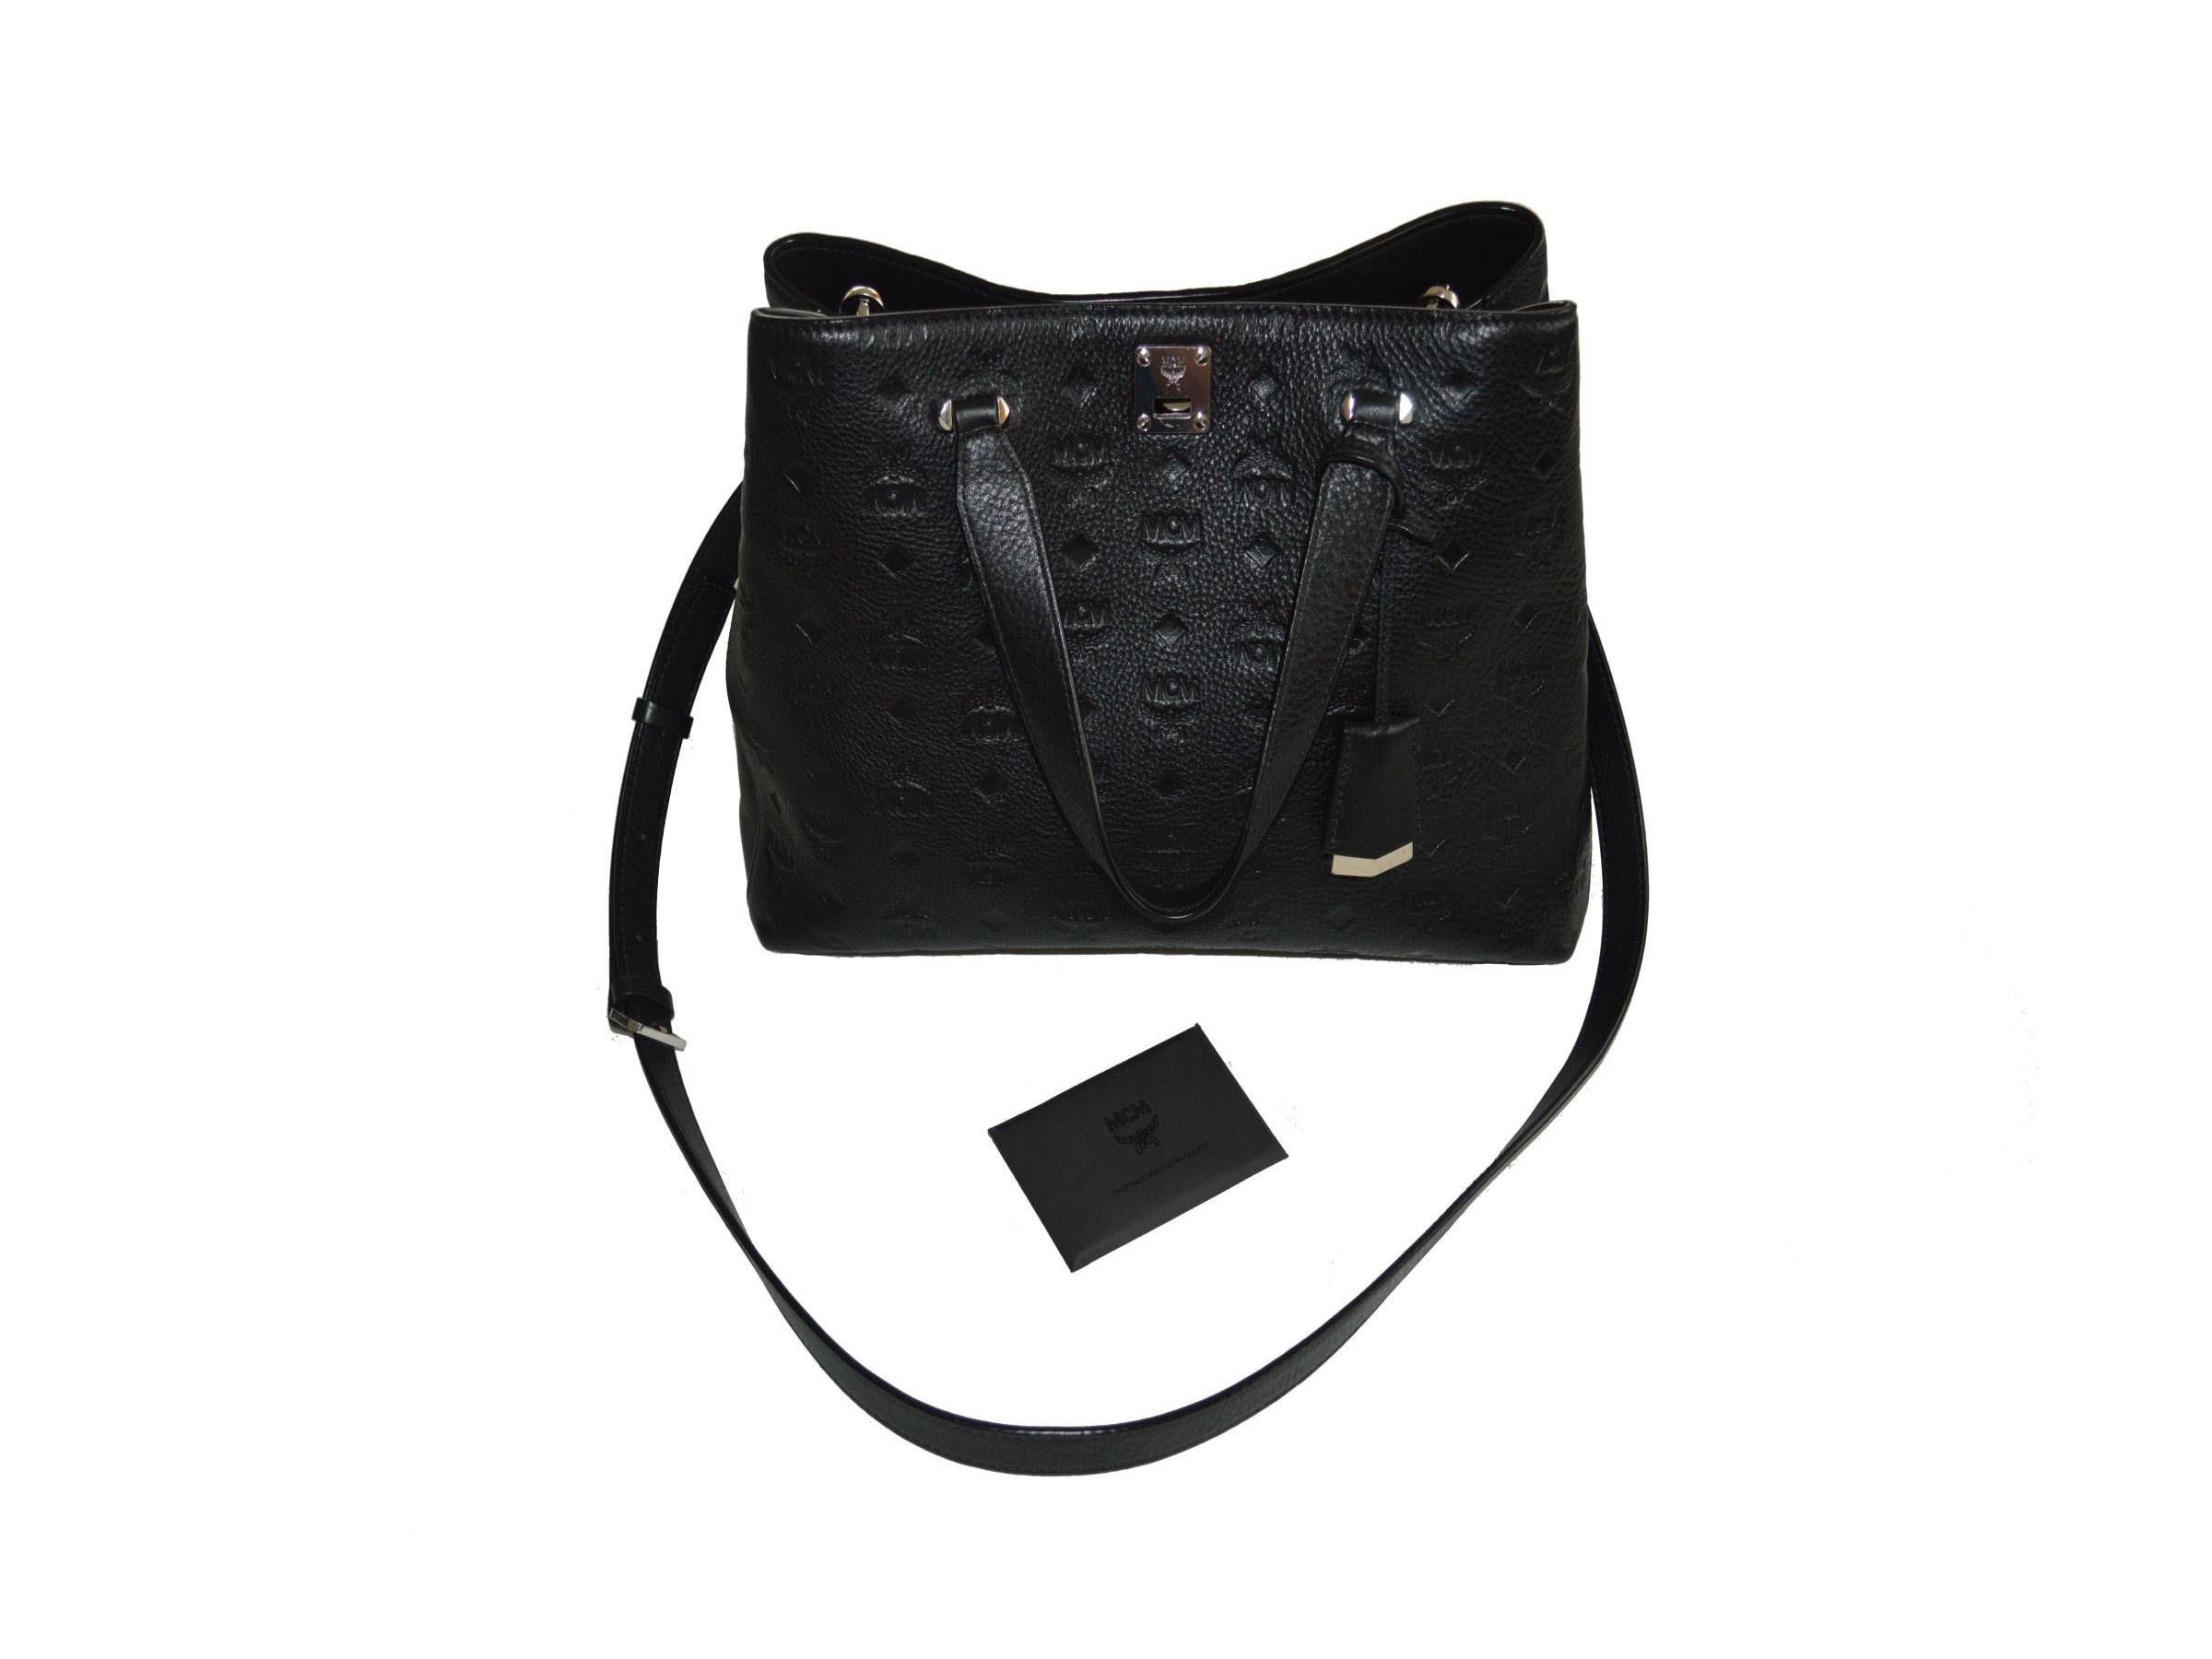 VERKAUFT MCM Tasche * NP 850 € * Essential Monogrammed Leather Tote * Handtasche * wie NEU